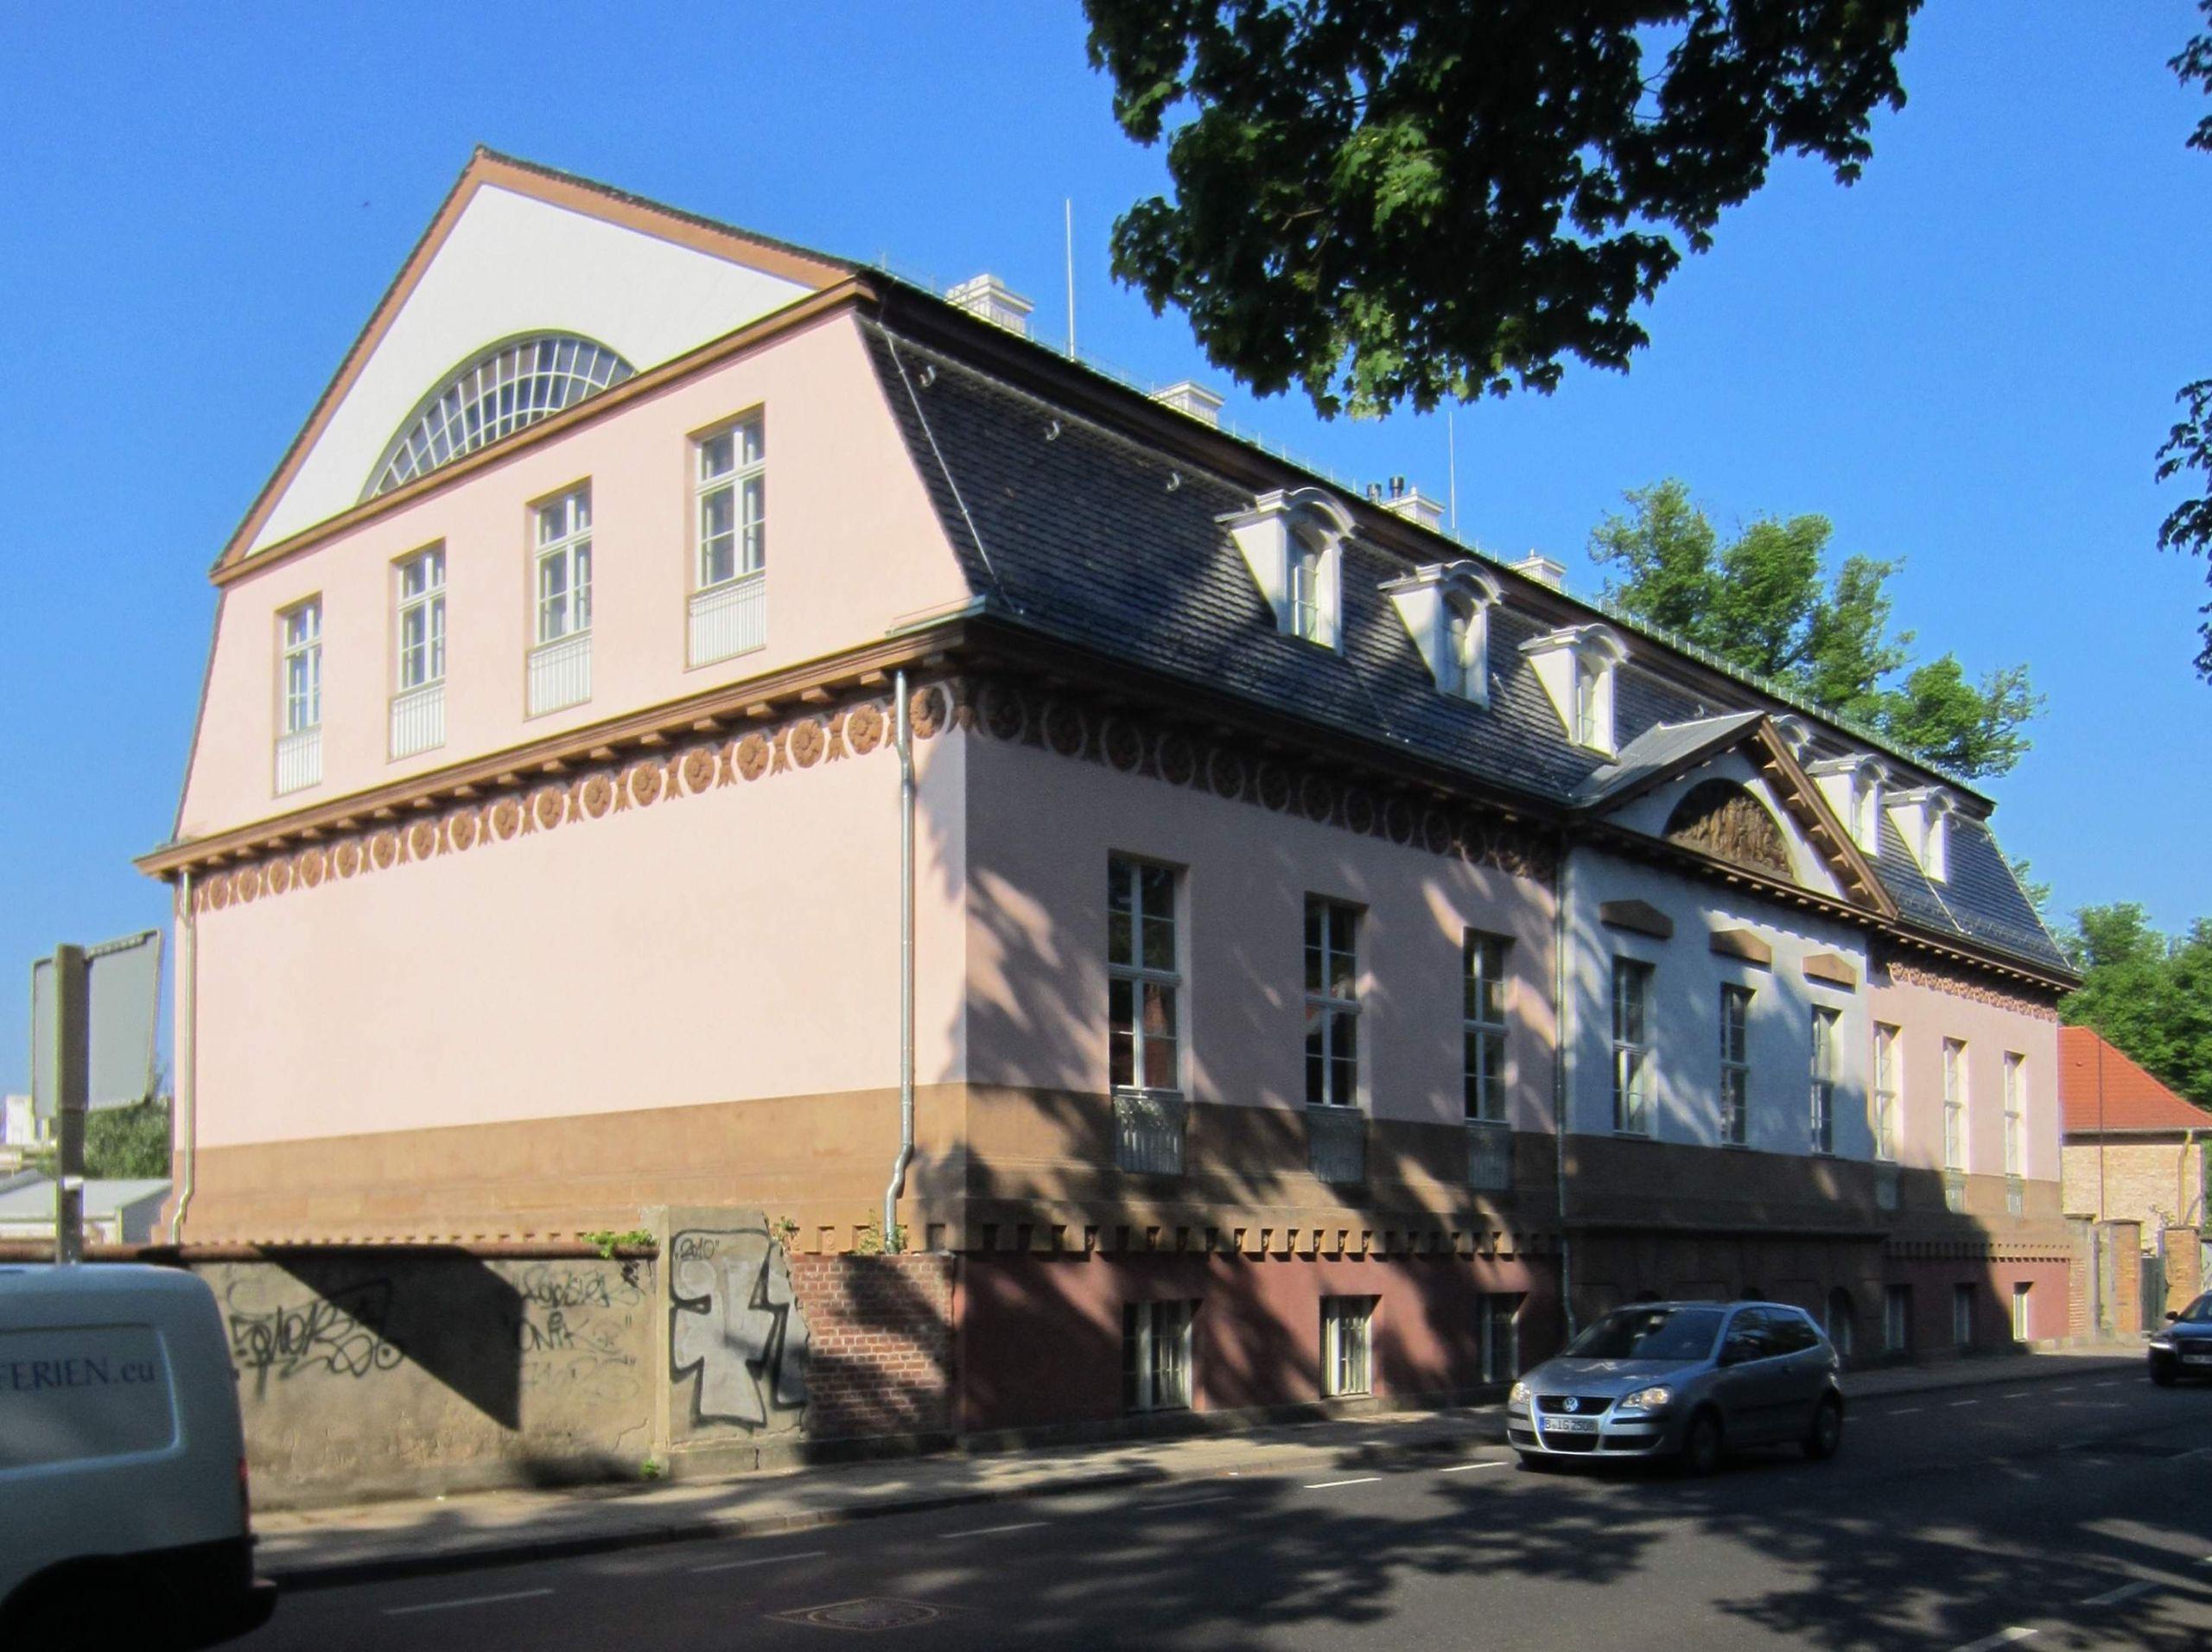 Behlertstraße 31 05 2013 JPG